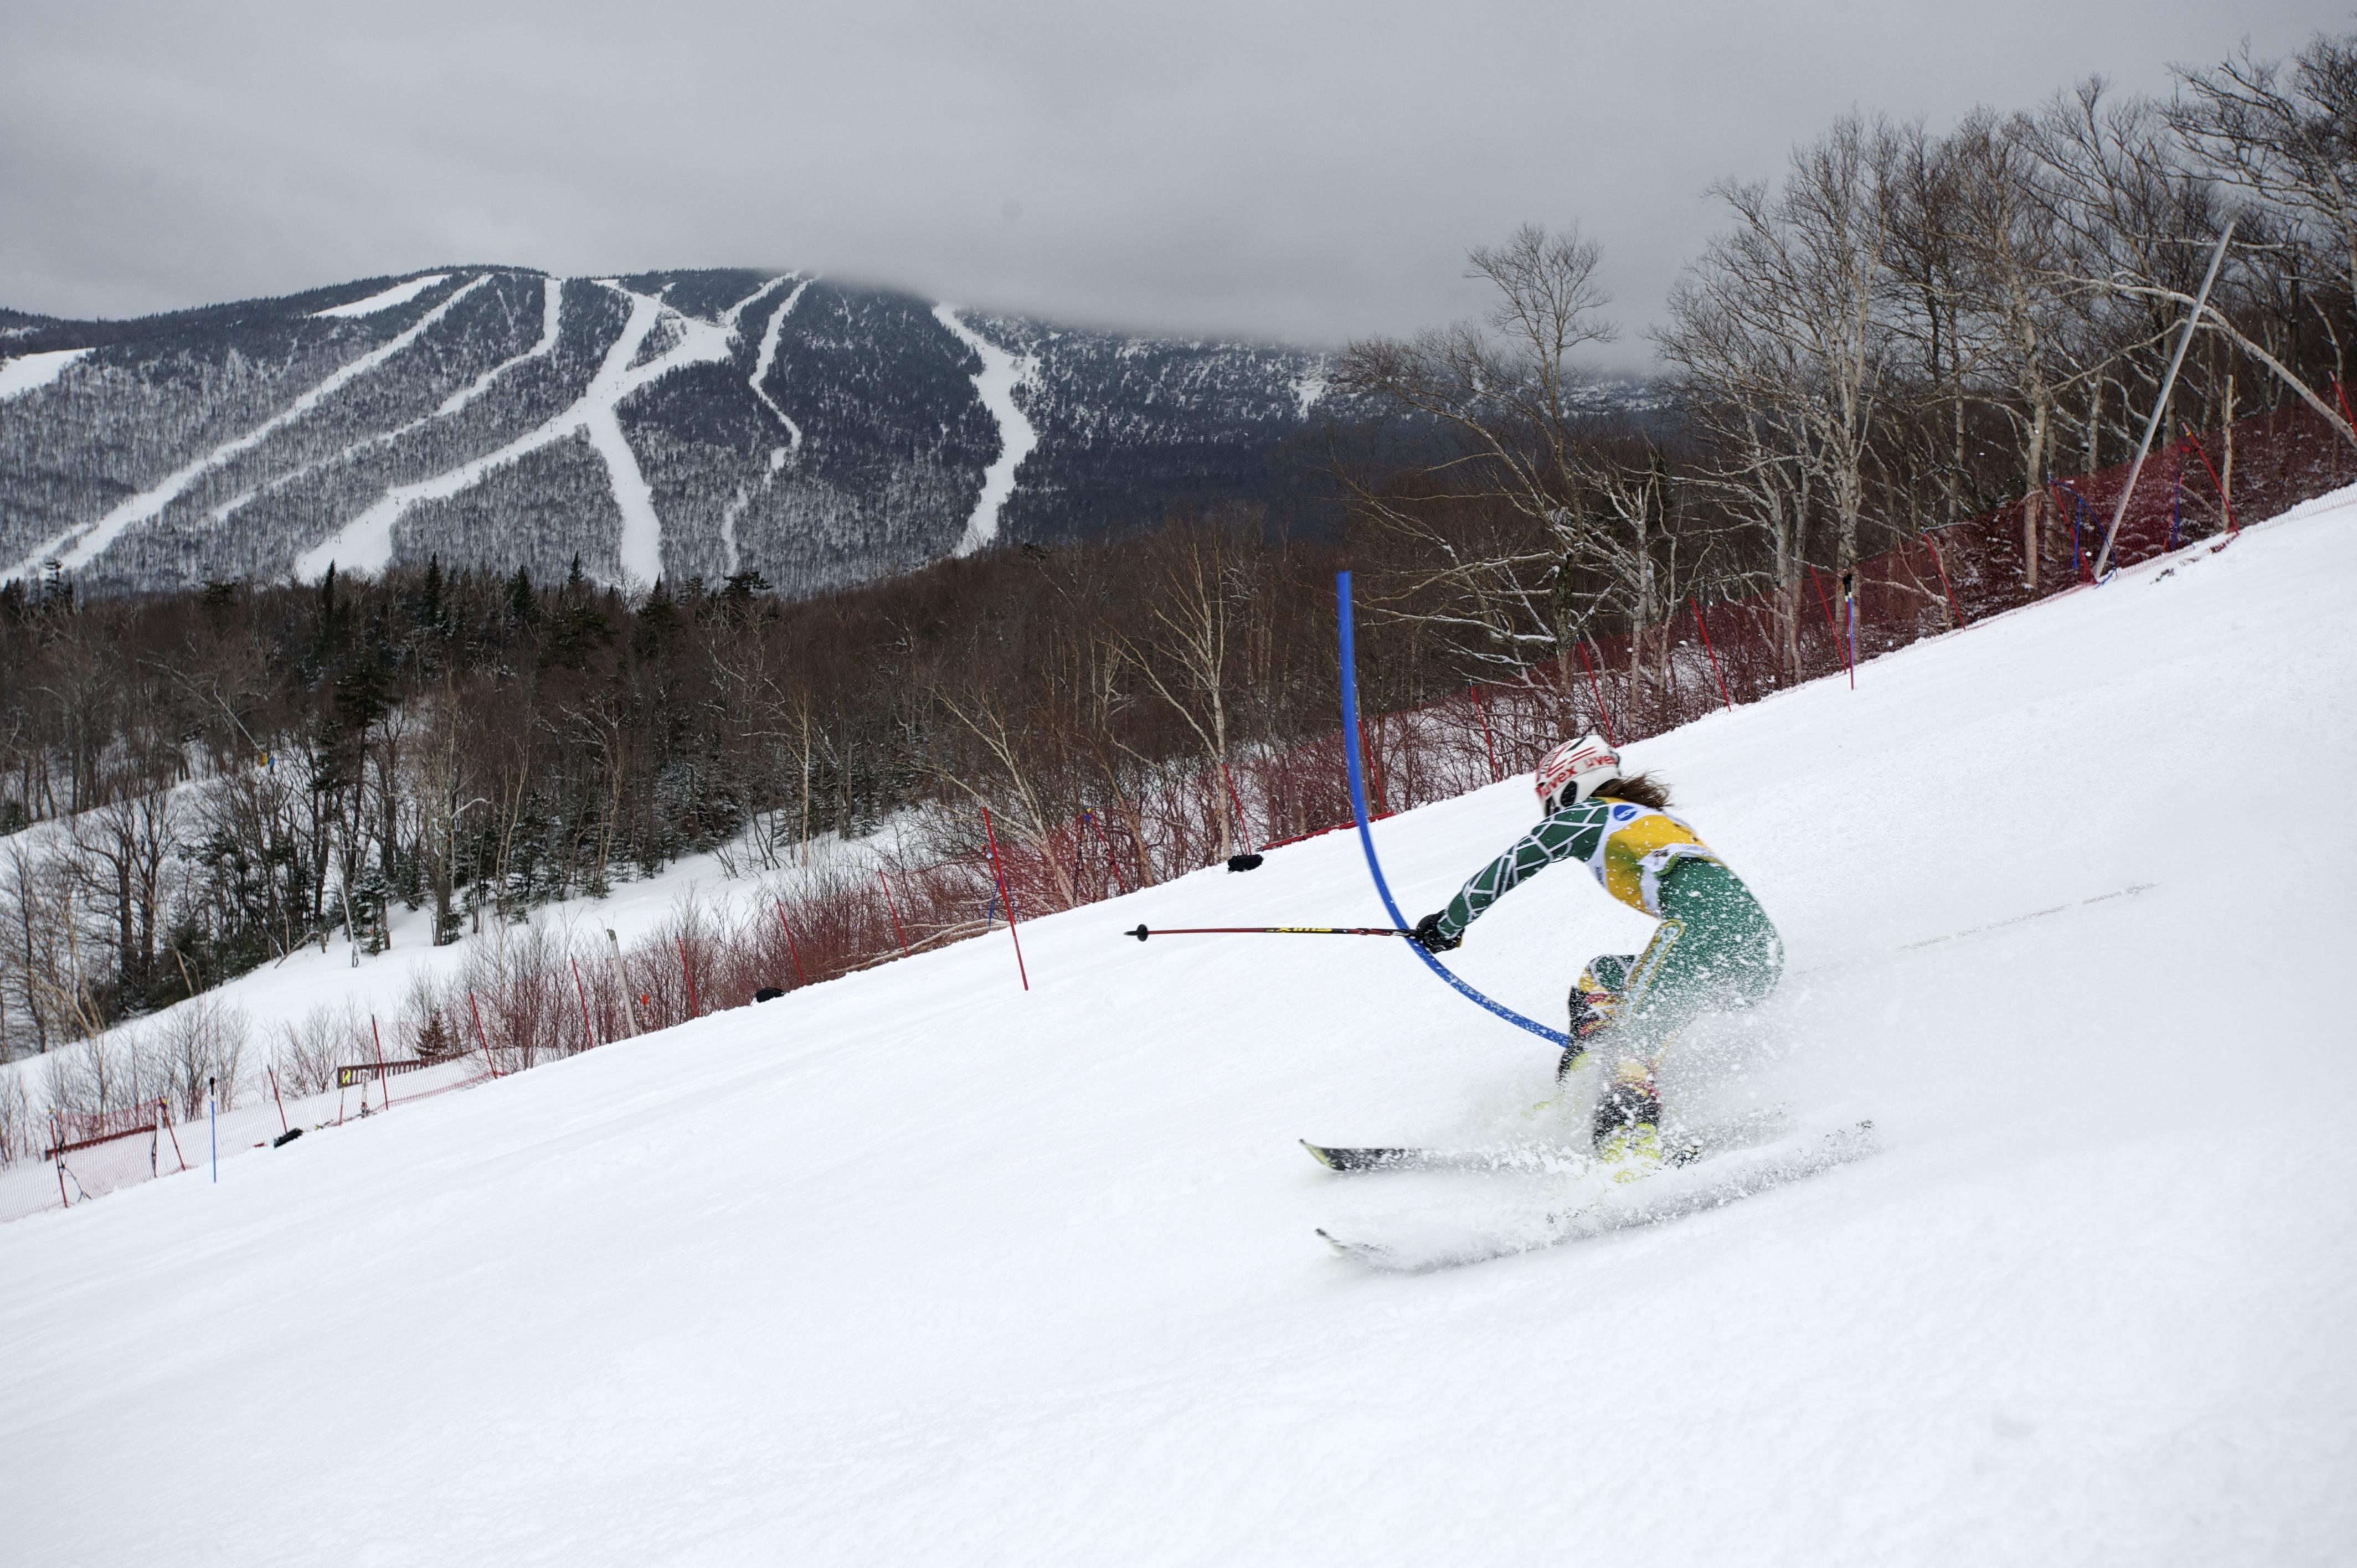 Ski town of Stowe, Vermont